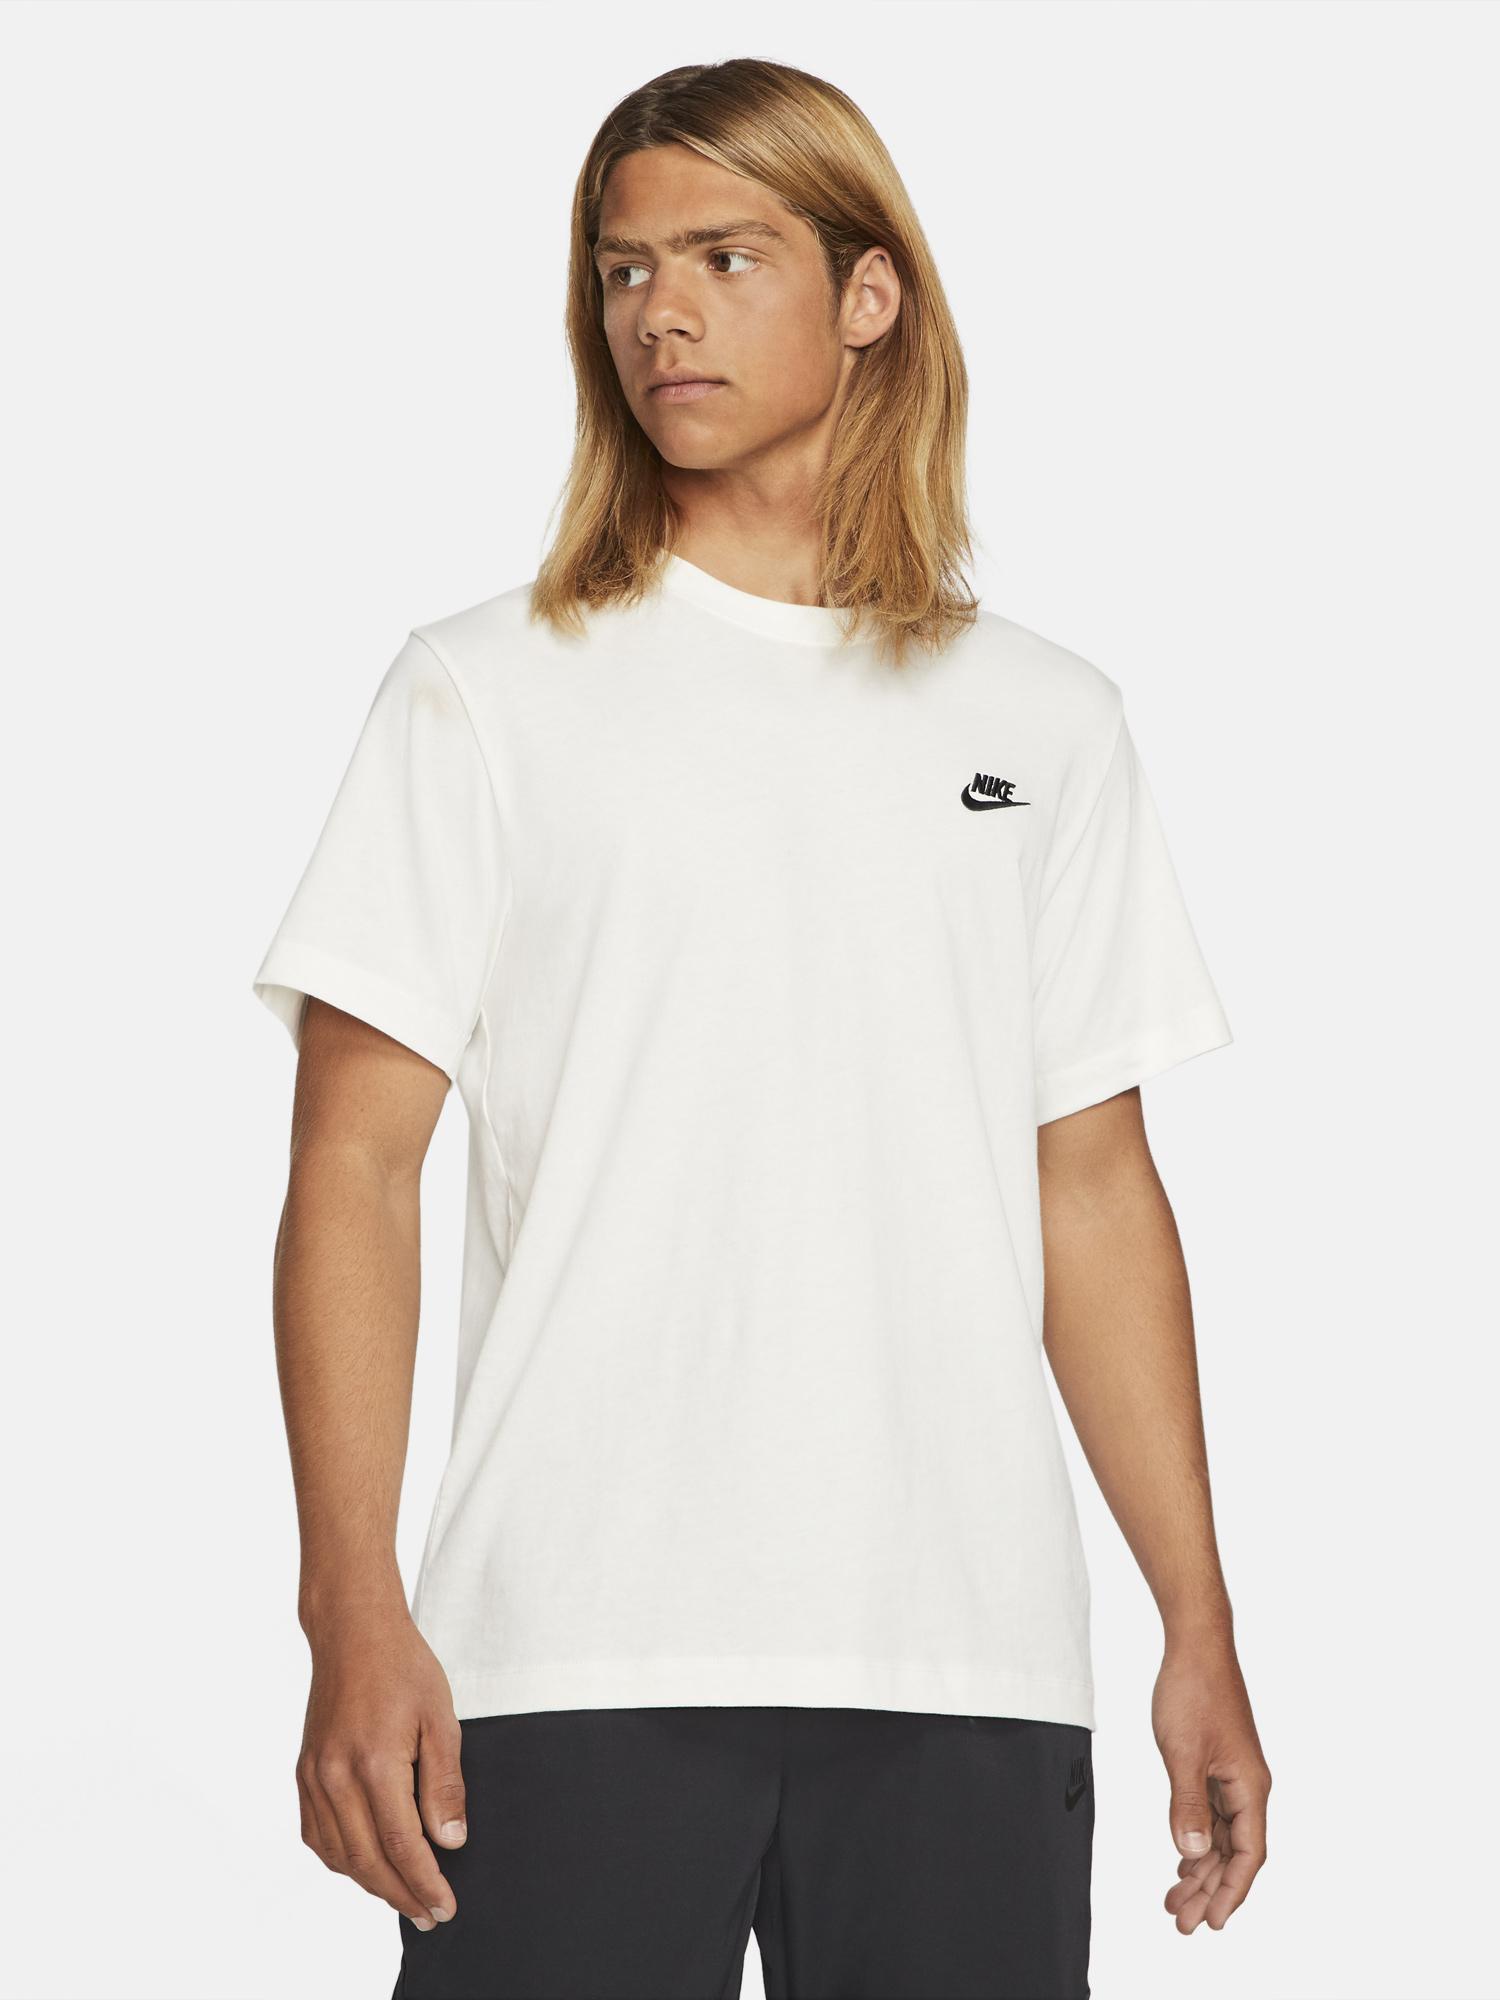 jordan-5-shattered-backboard-sail-shirt